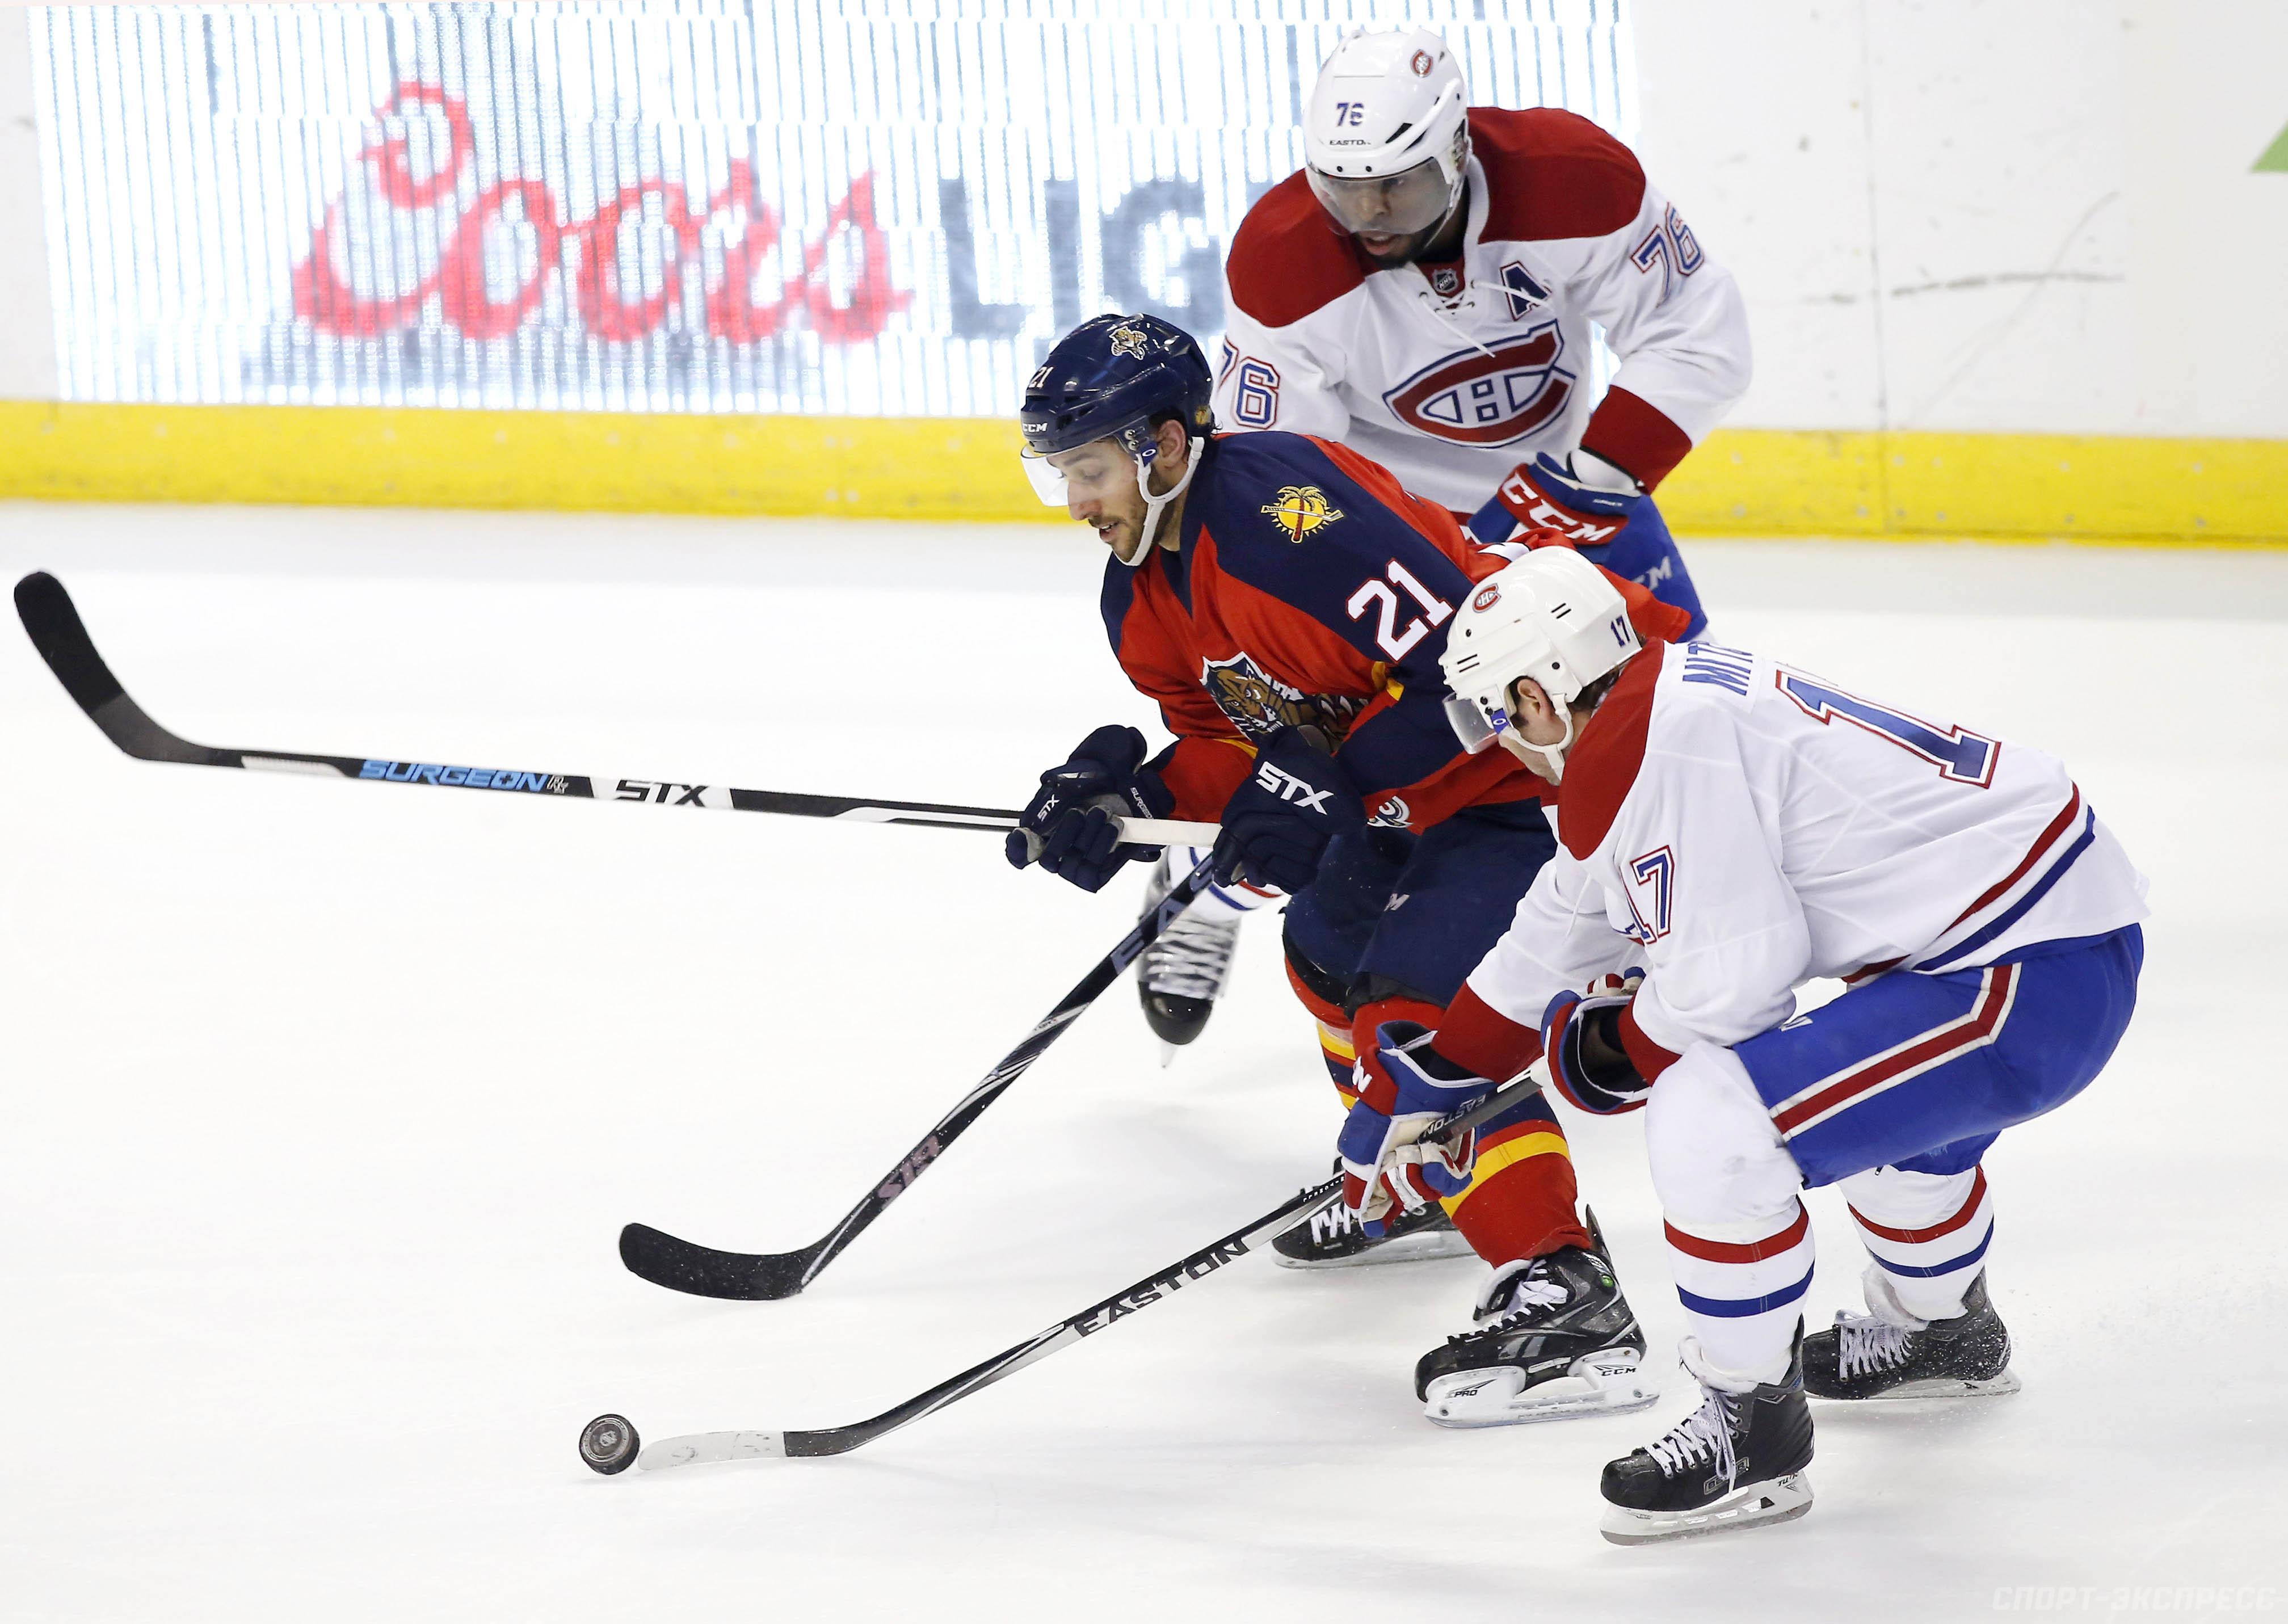 Сможет ли Монреаль обыграть Калгари На что делать ставки на НХЛ 23 Октября 2018